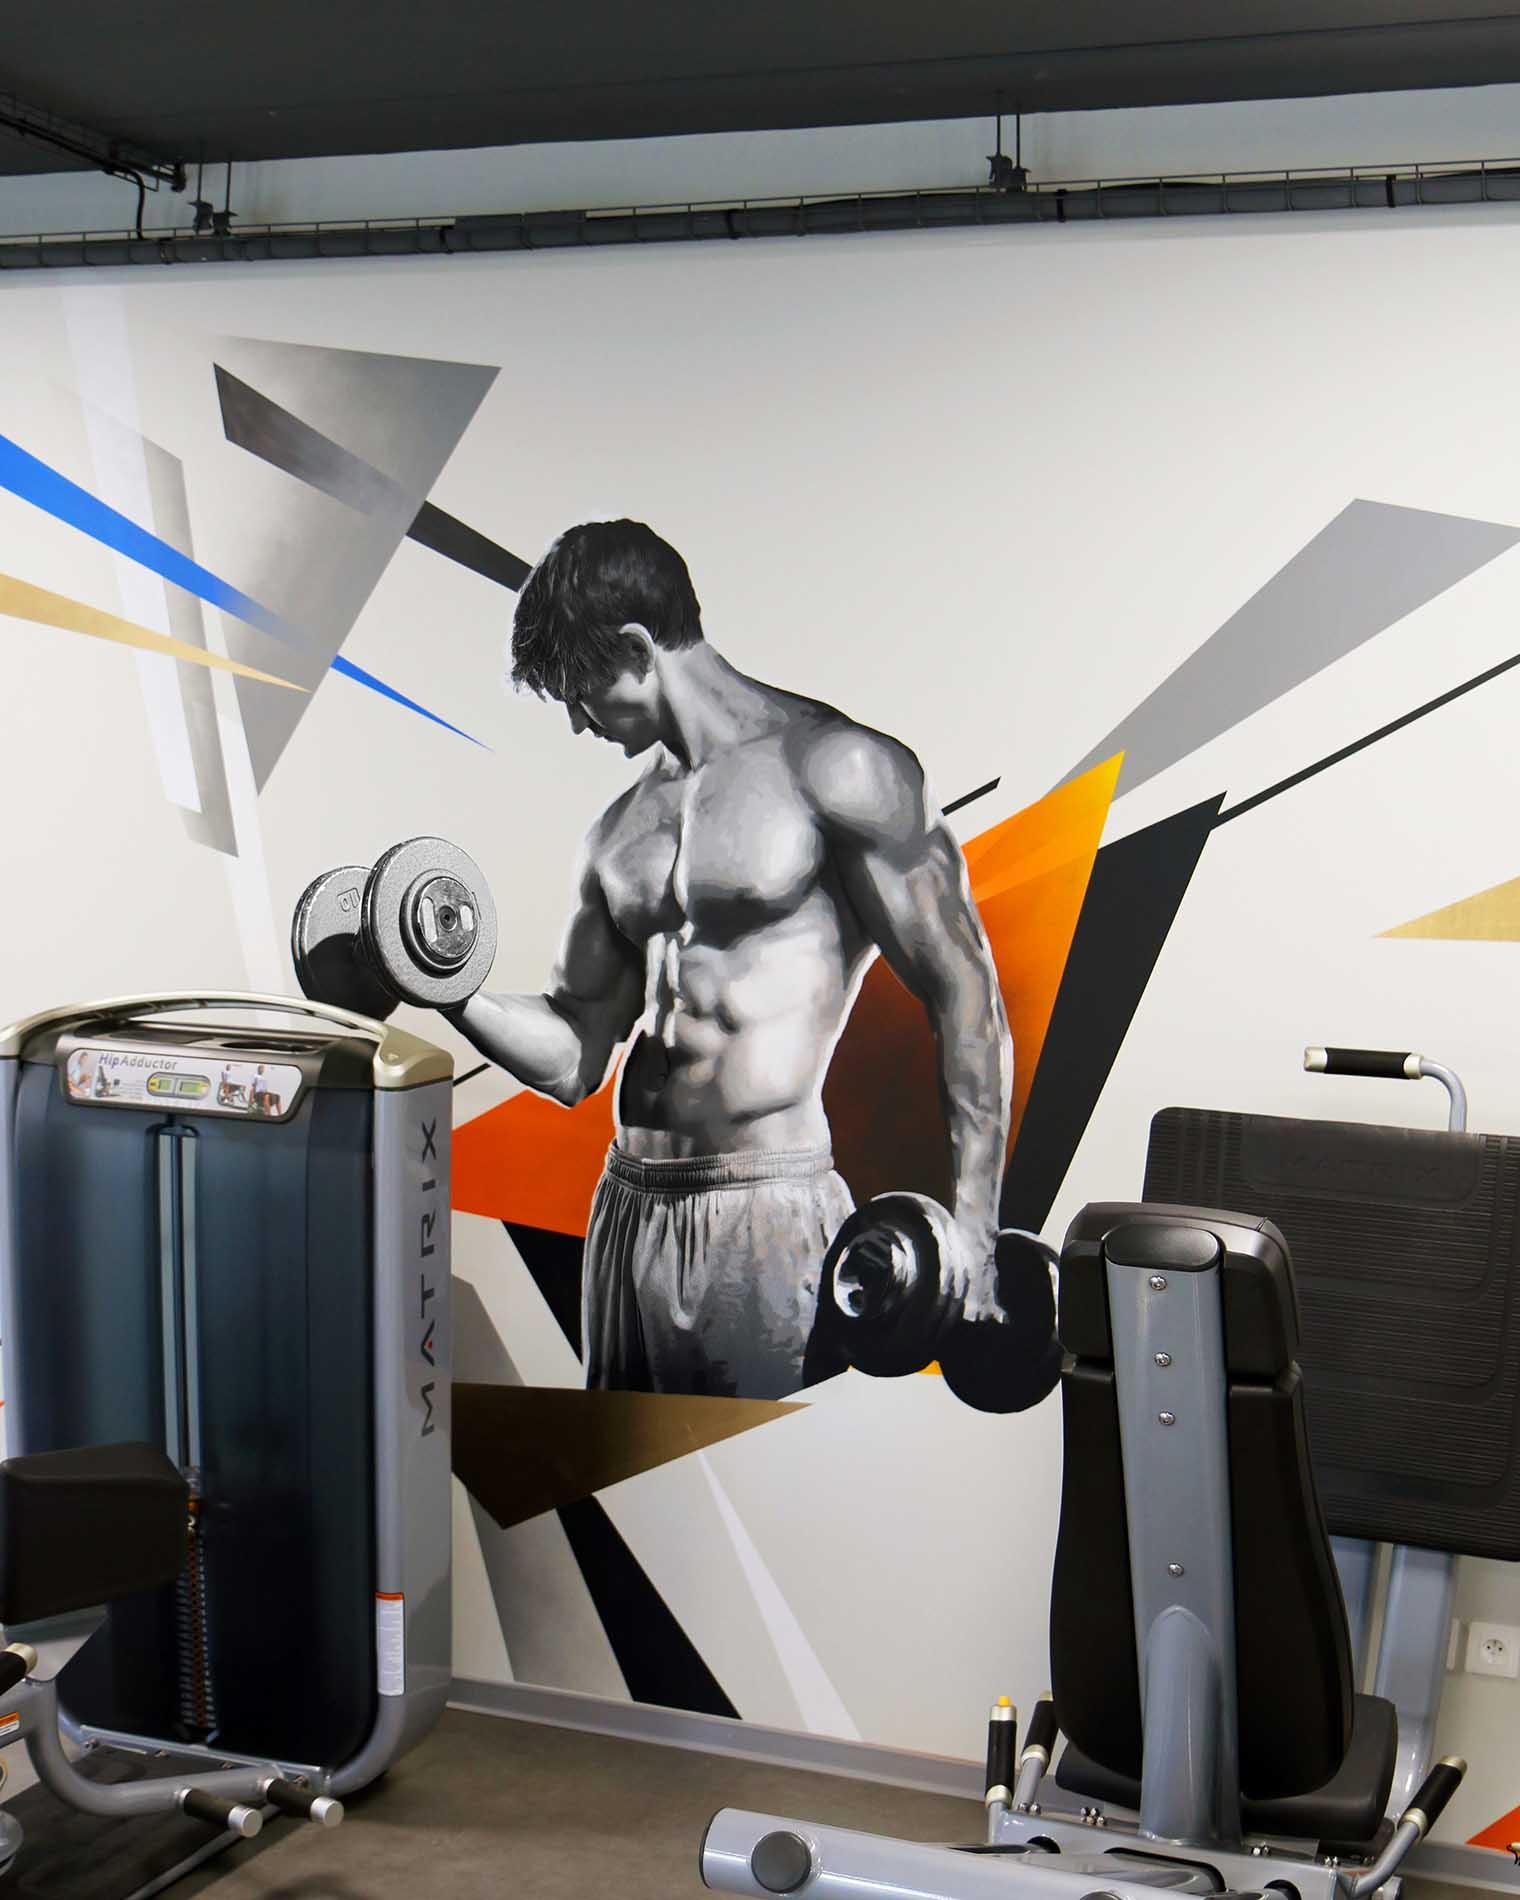 portrait d'un sportif dans la salle de sport fit & spa réalisé par frédéric michel-langlet